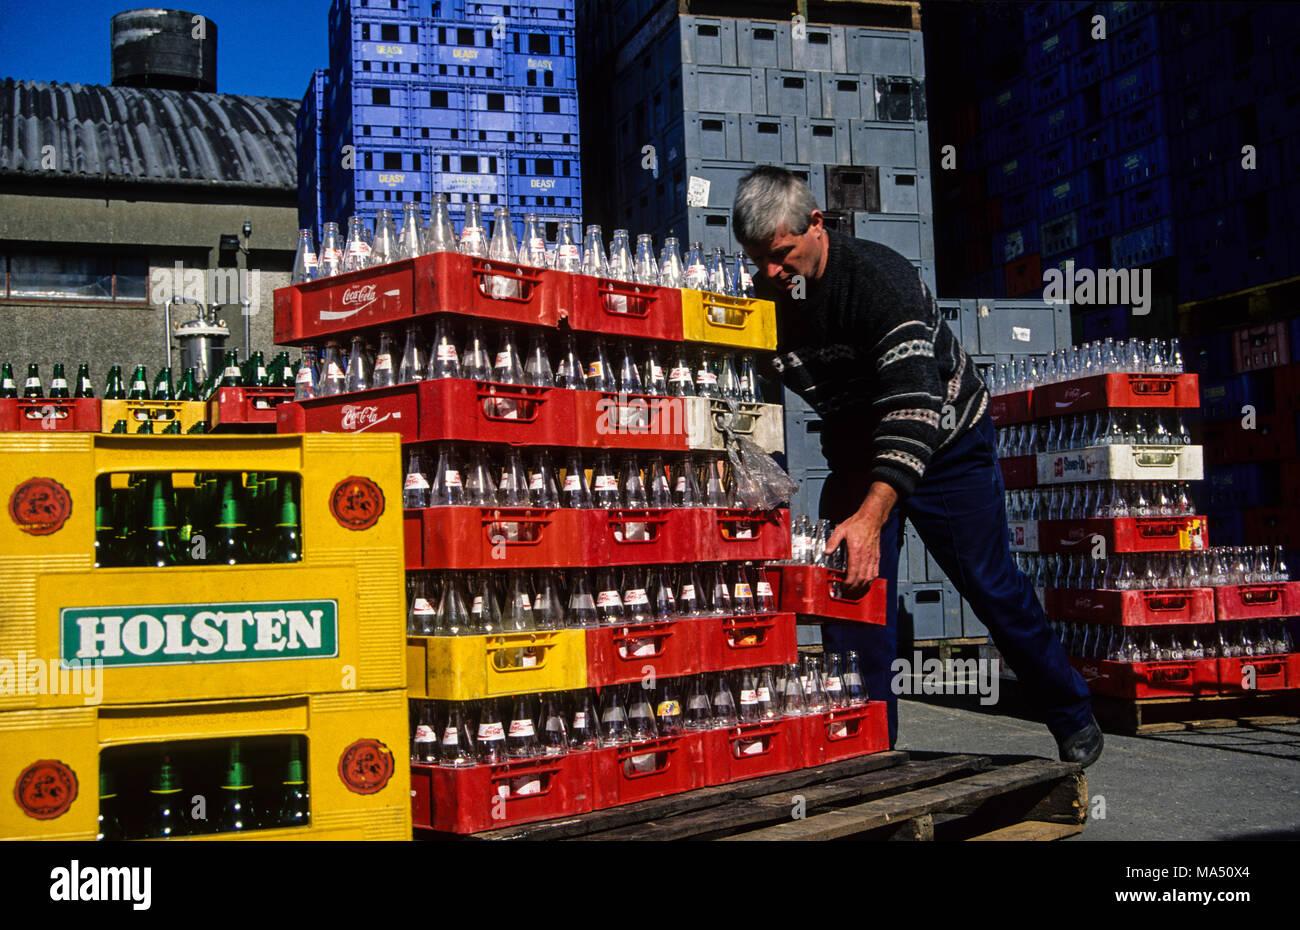 Bottiglia di impianti di riutilizzo, bottiglie ordinate e nuovamente inviato al produttore, Conakilty, County Cork, Irlanda. Immagini Stock